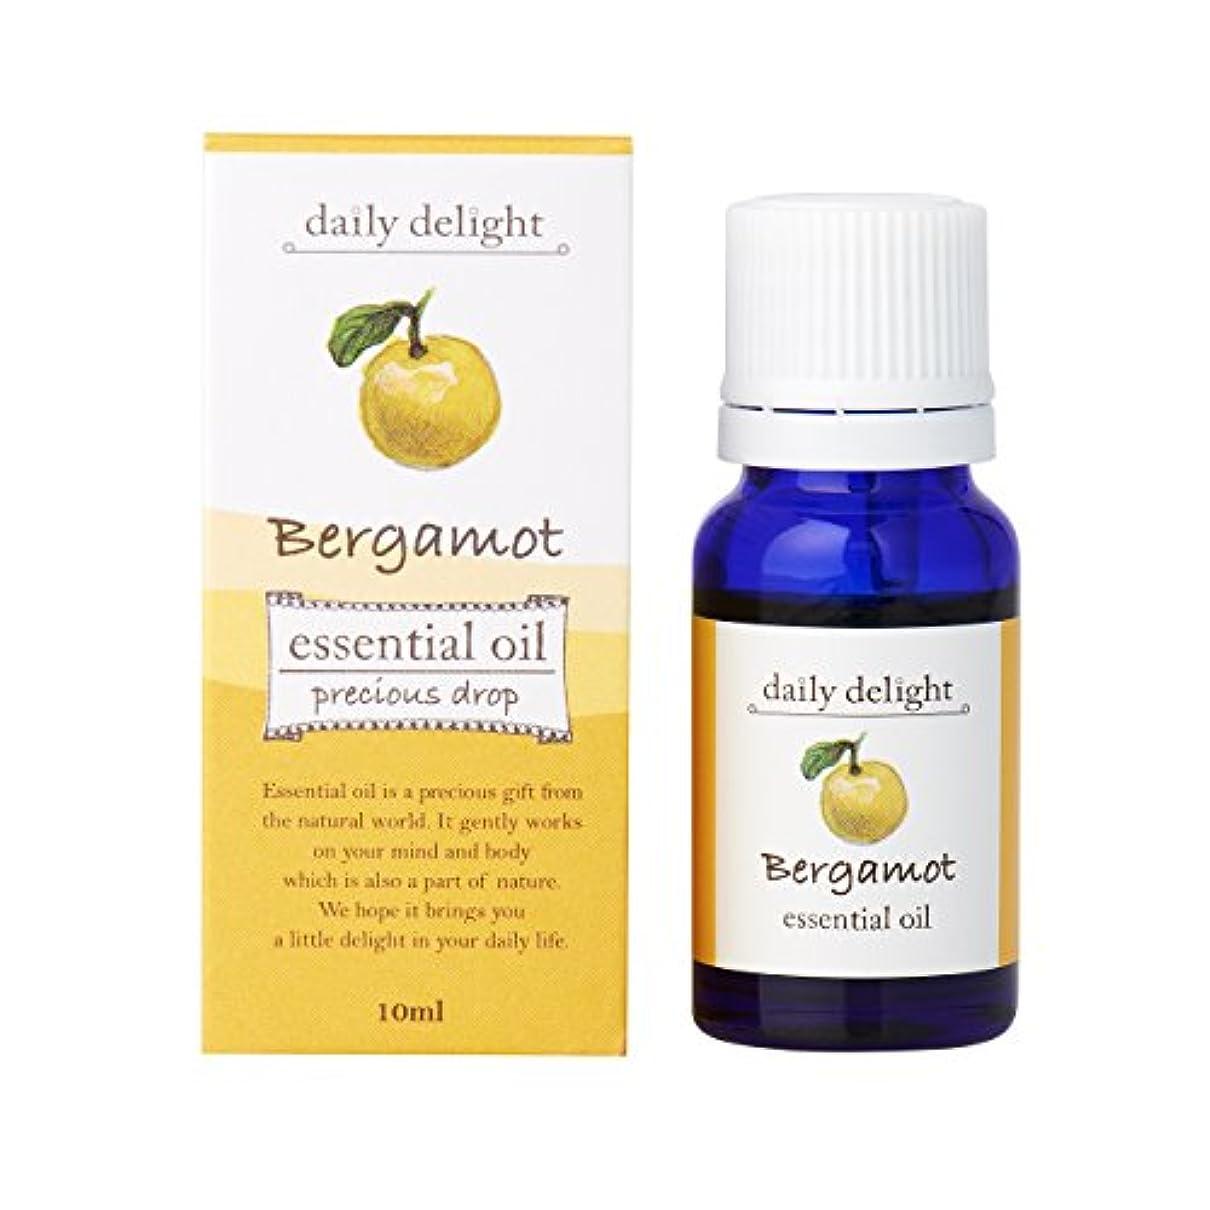 プラットフォーム適用する概してデイリーディライト エッセンシャルオイル  ベルガモット 10ml(天然100% 精油 アロマ 柑橘系 甘さが少なめでみずみずしく美しい香り)